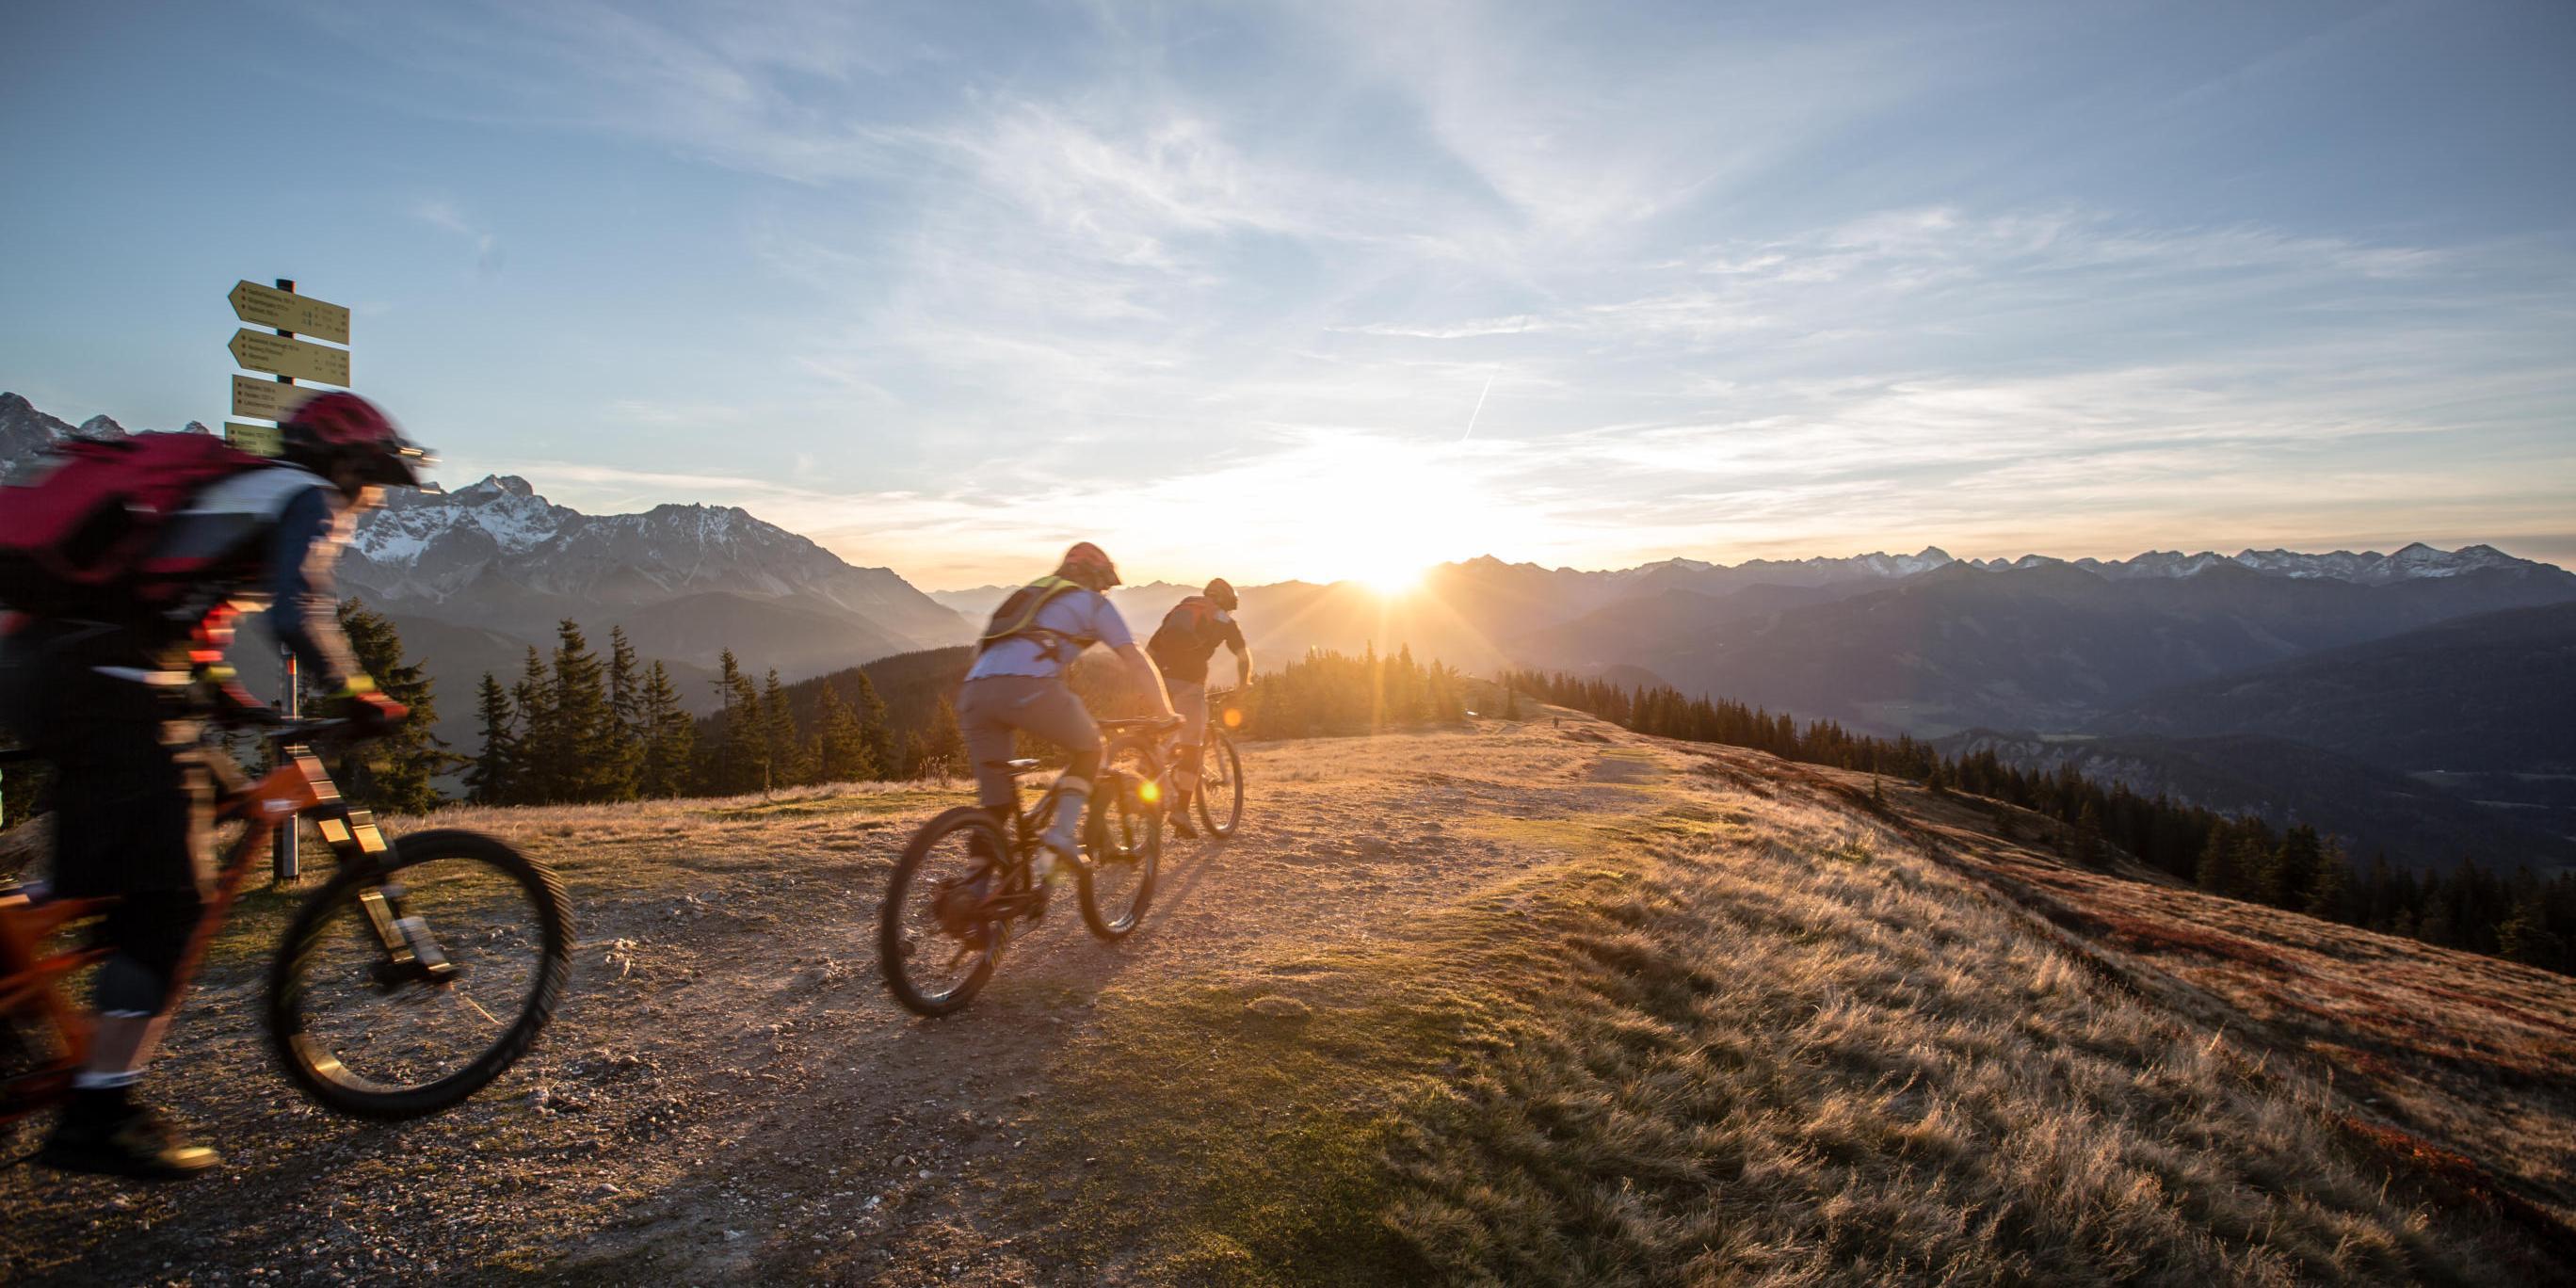 Mountainbike-Tour Stoneman Taurista MTB Abfahrt vom Rossbrand mit Tauern-Panorama Salzburger Land (Österreich)